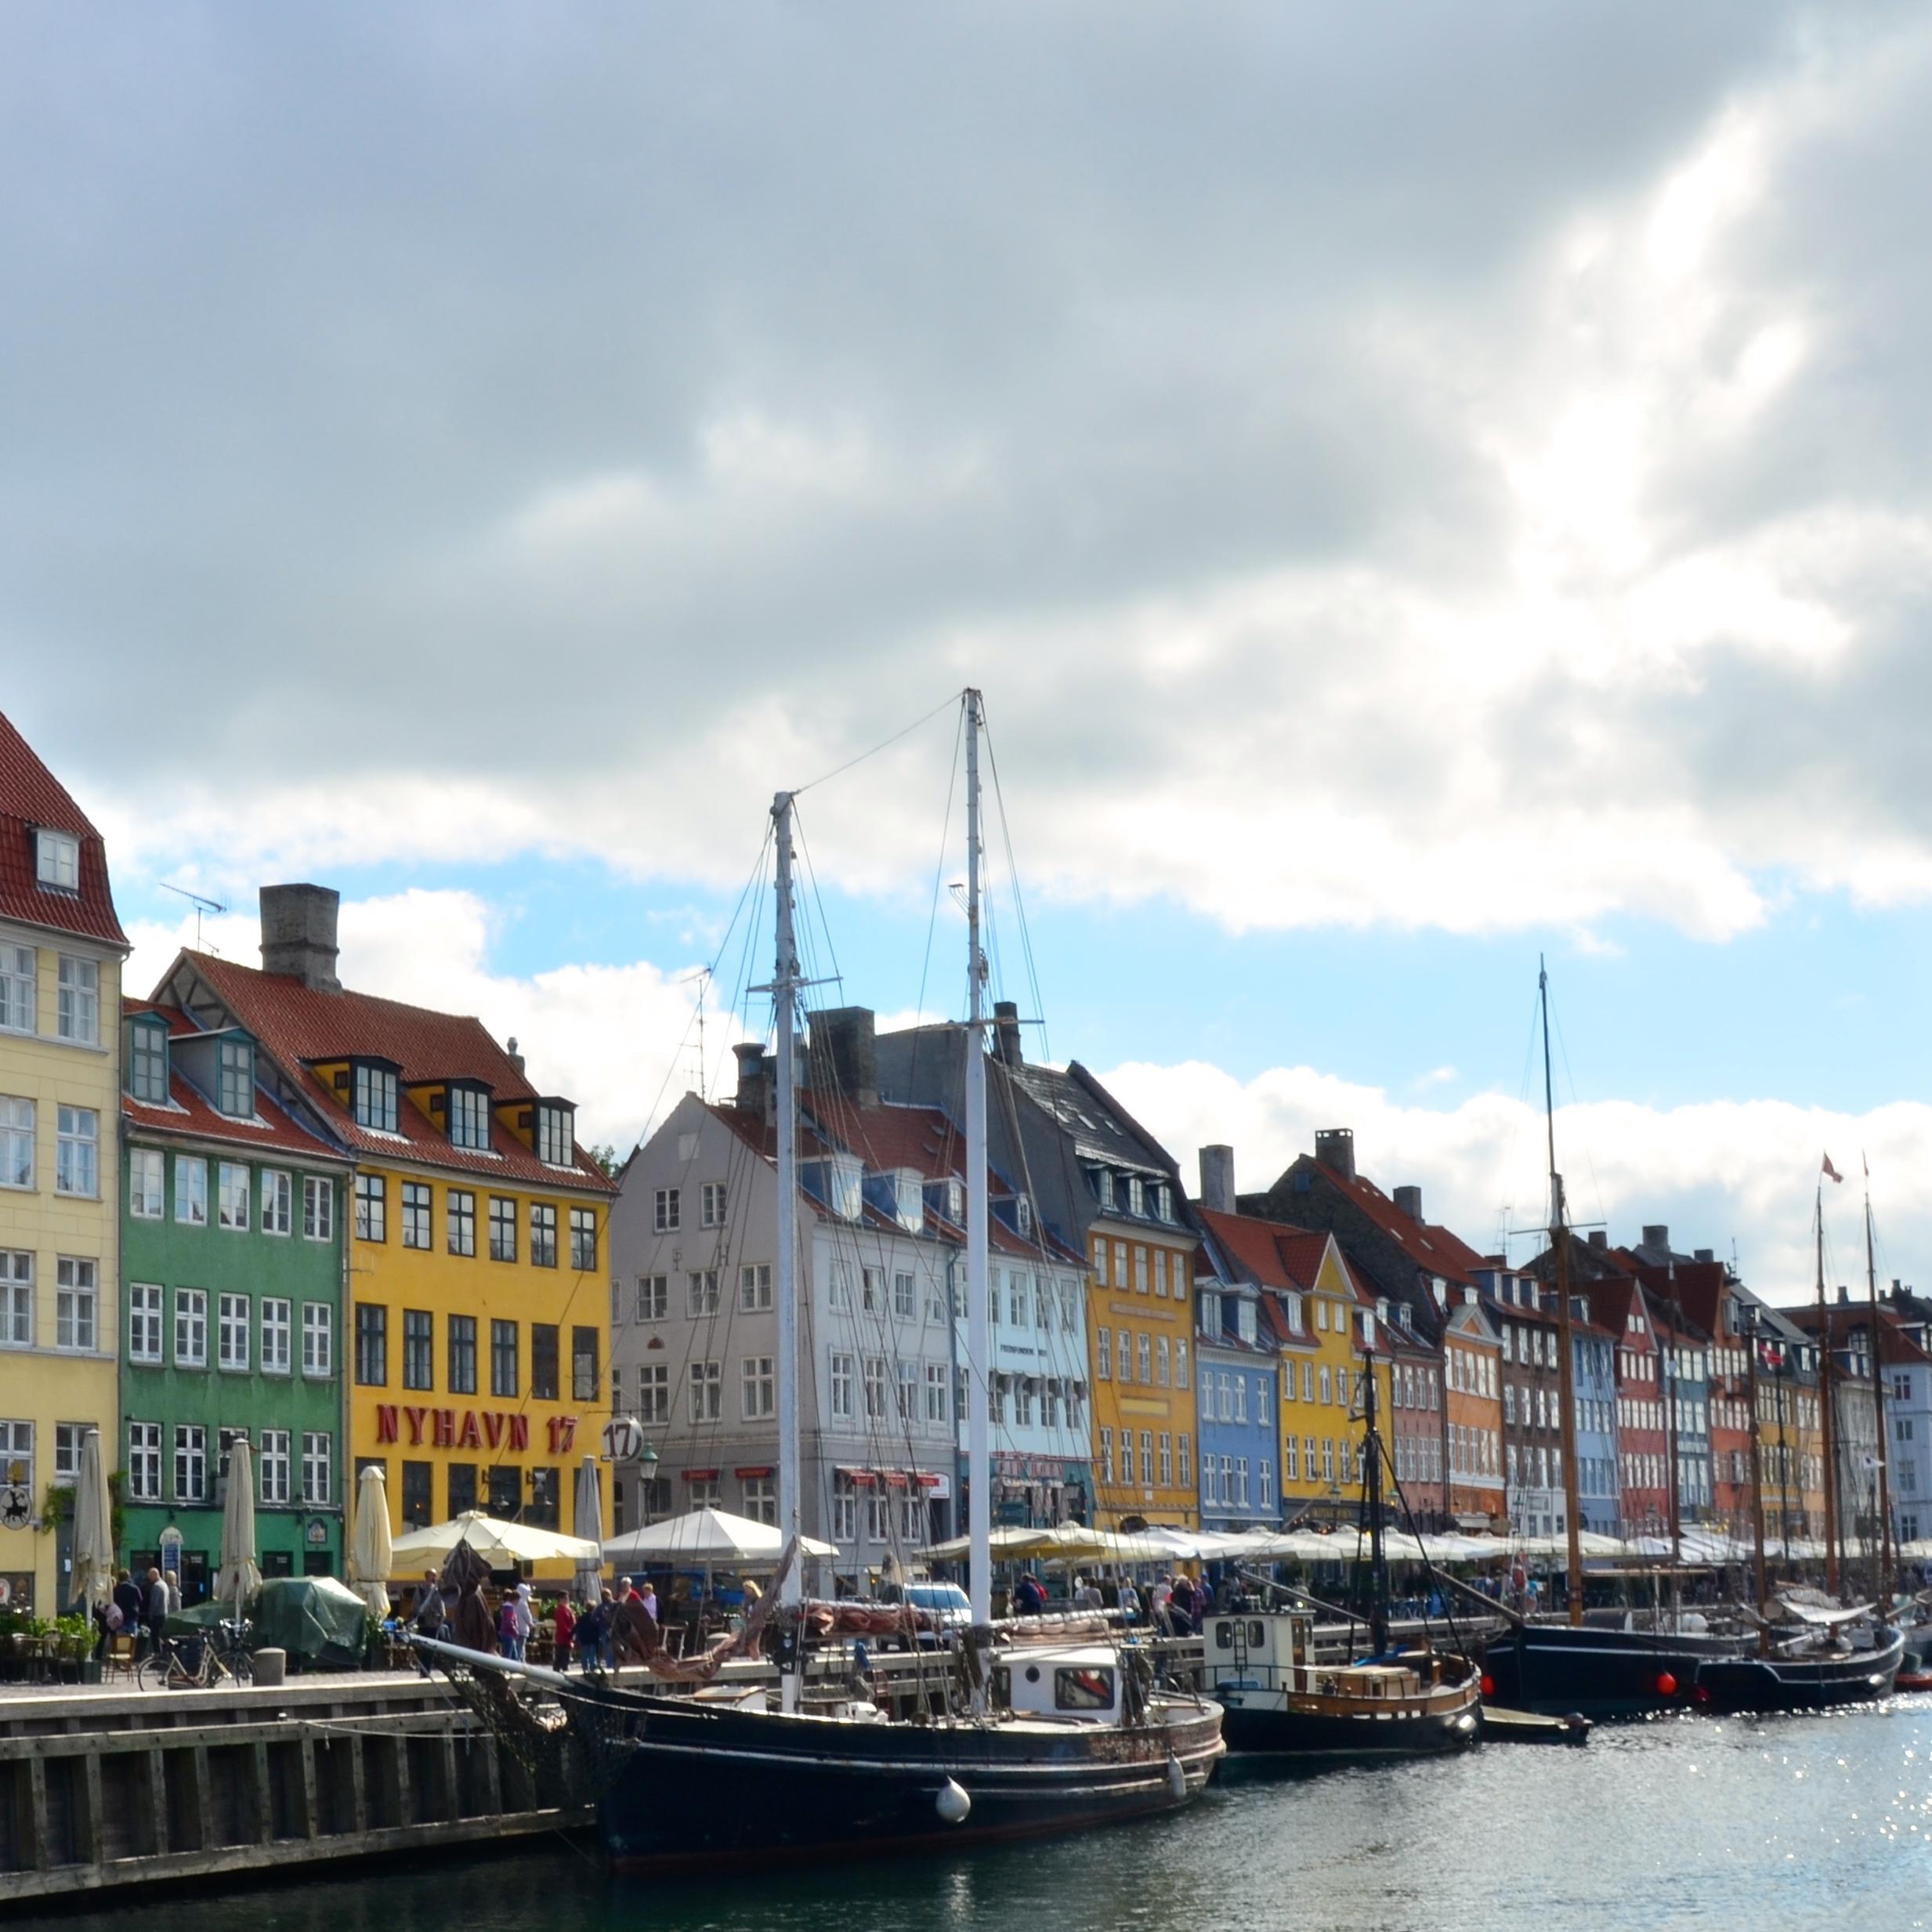 Llegada a Copenhague: el Nyhavn